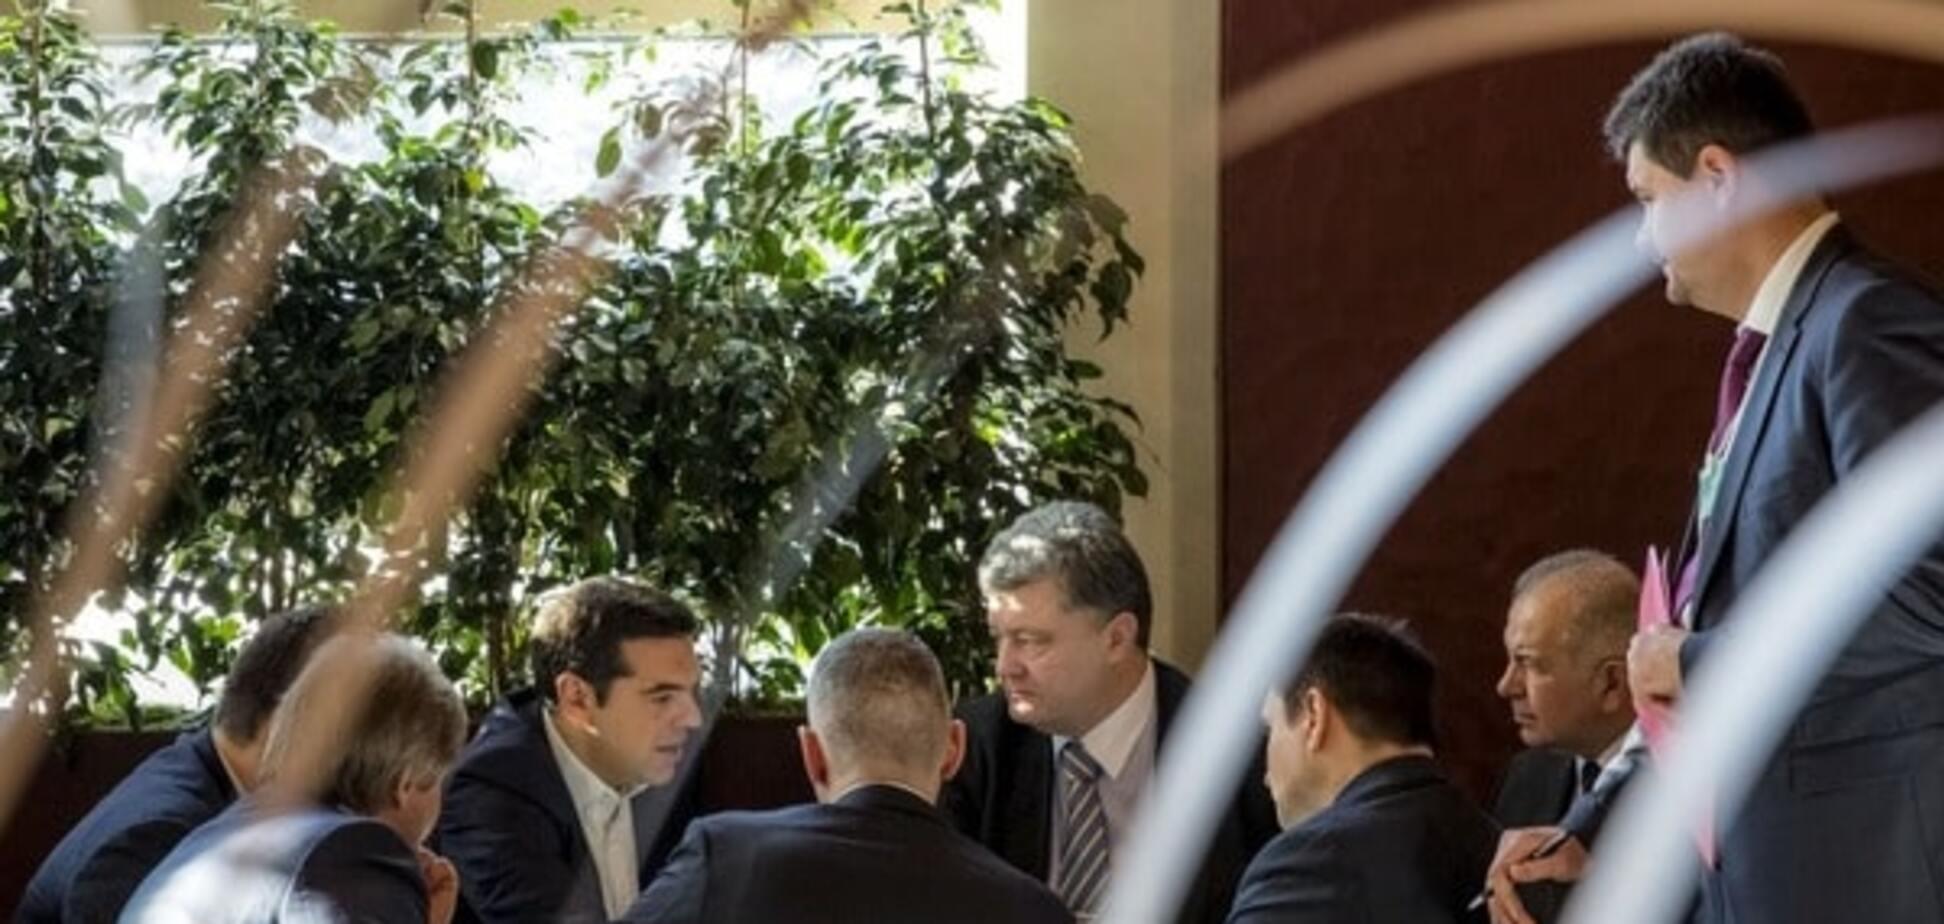 Безвізовий режим для України: Ципрас озвучив Порошенку позицію Греції